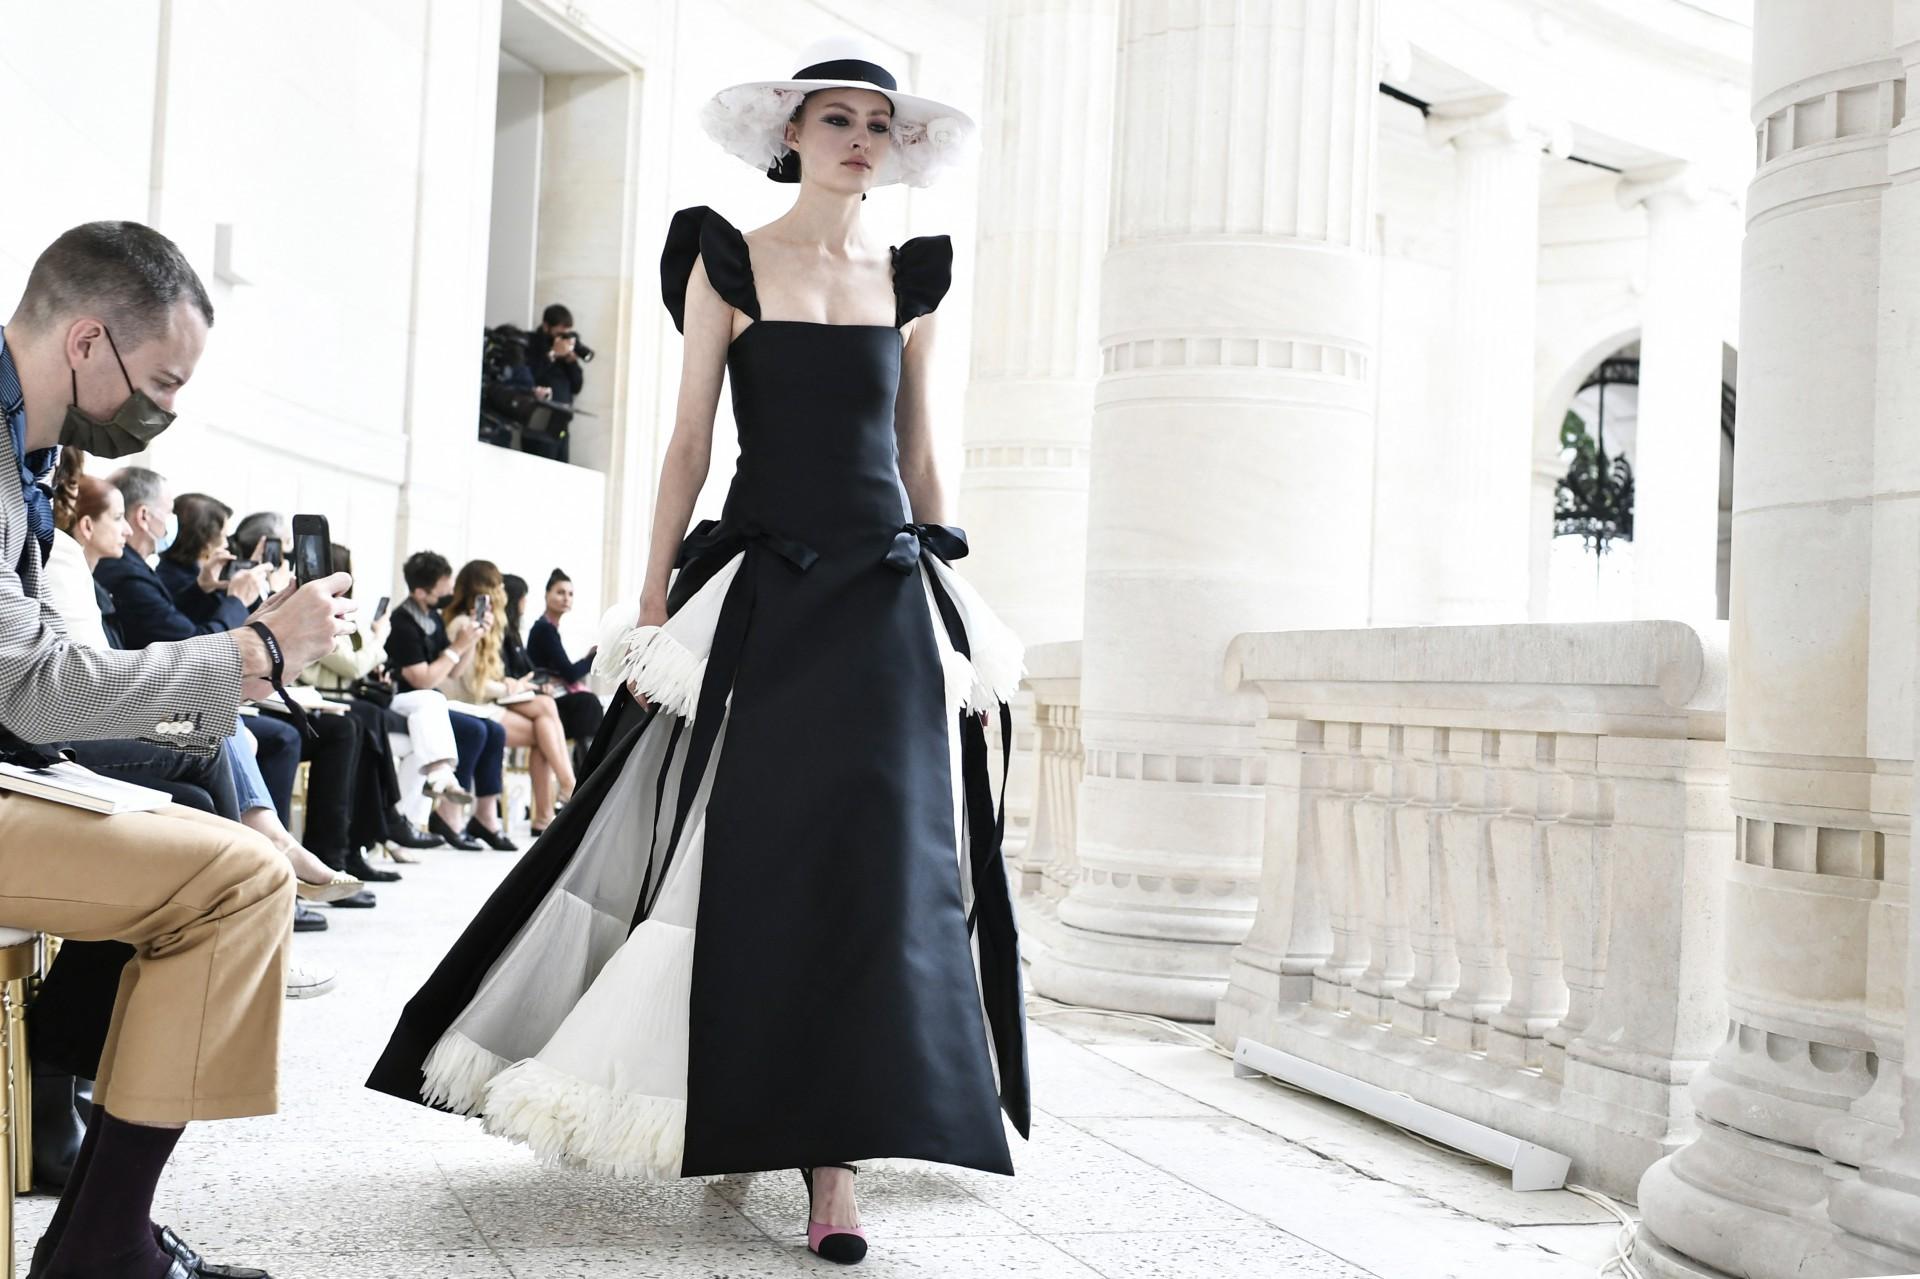 Chanel e Dior voltam às passarelas na Semana de Alta-Costura de ParisChanel  e Dior voltam às passarelas na Semana de Alta-Costura de Paris   Vida &  Arte - O POVO - Notícias